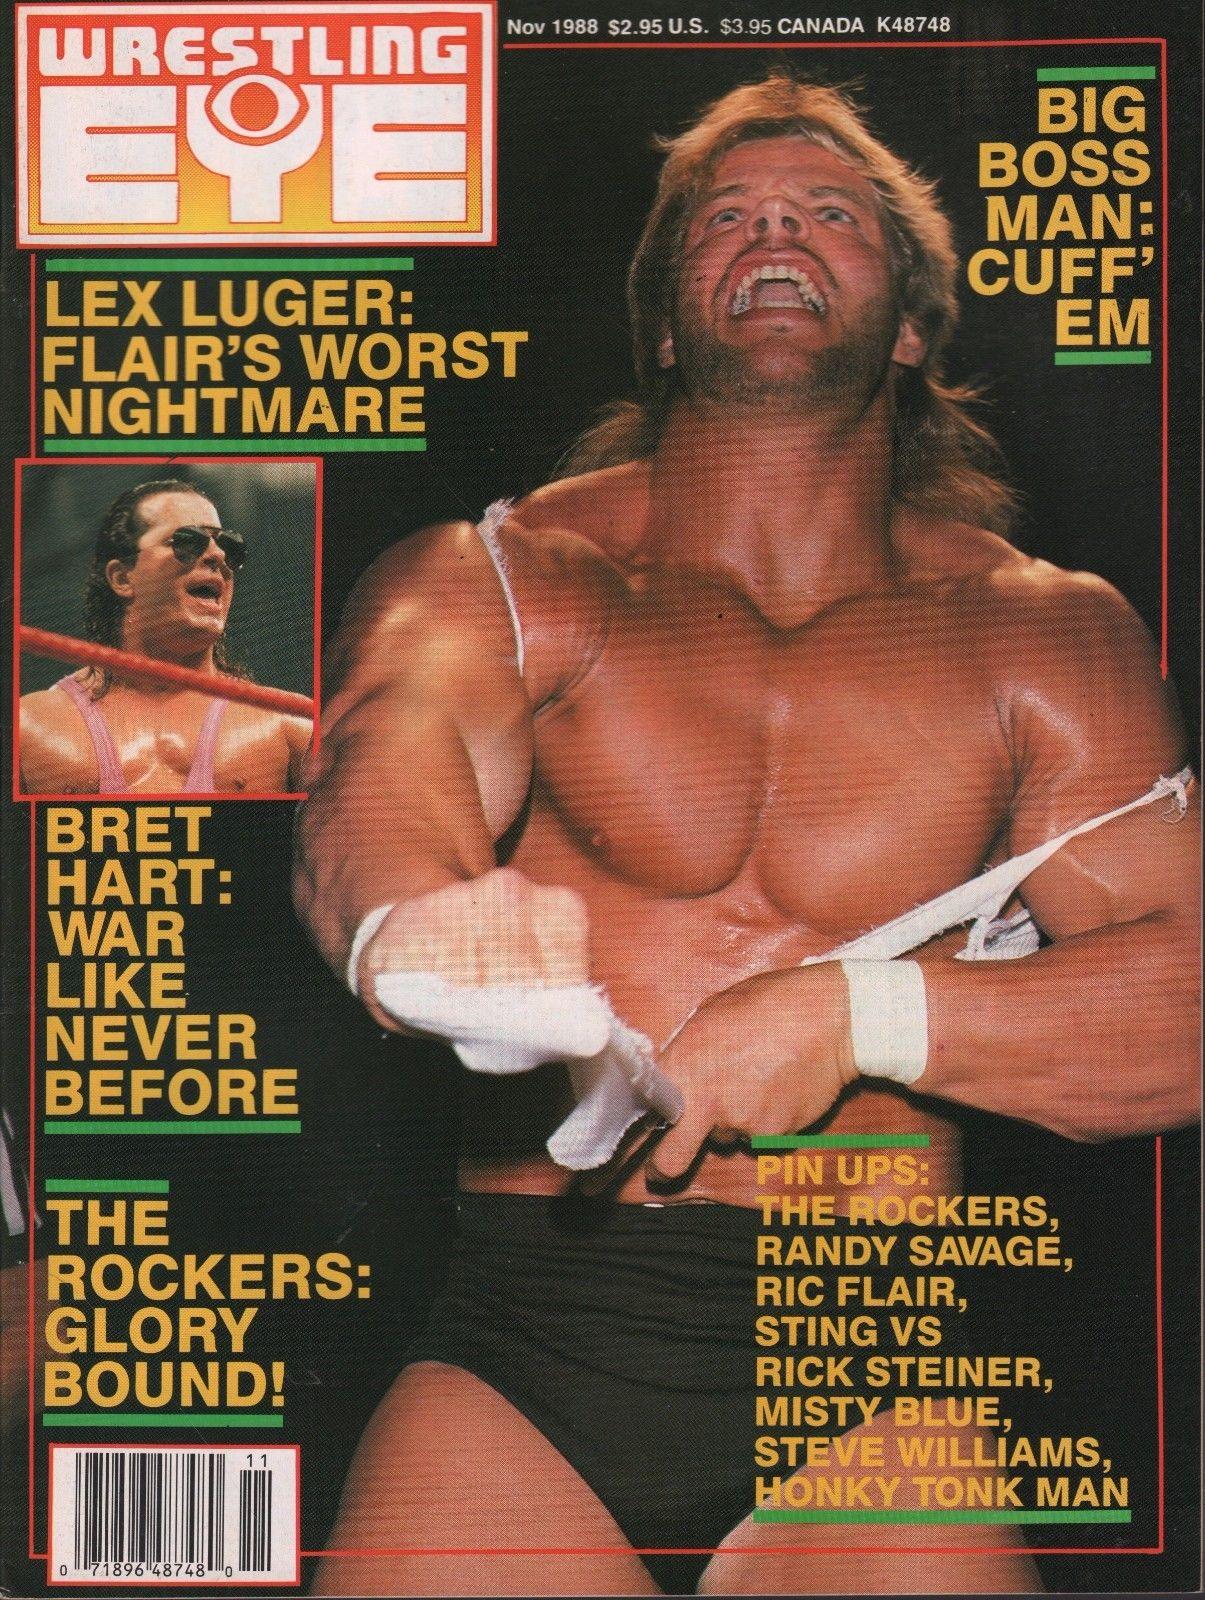 Wrestling Eye - November 1988